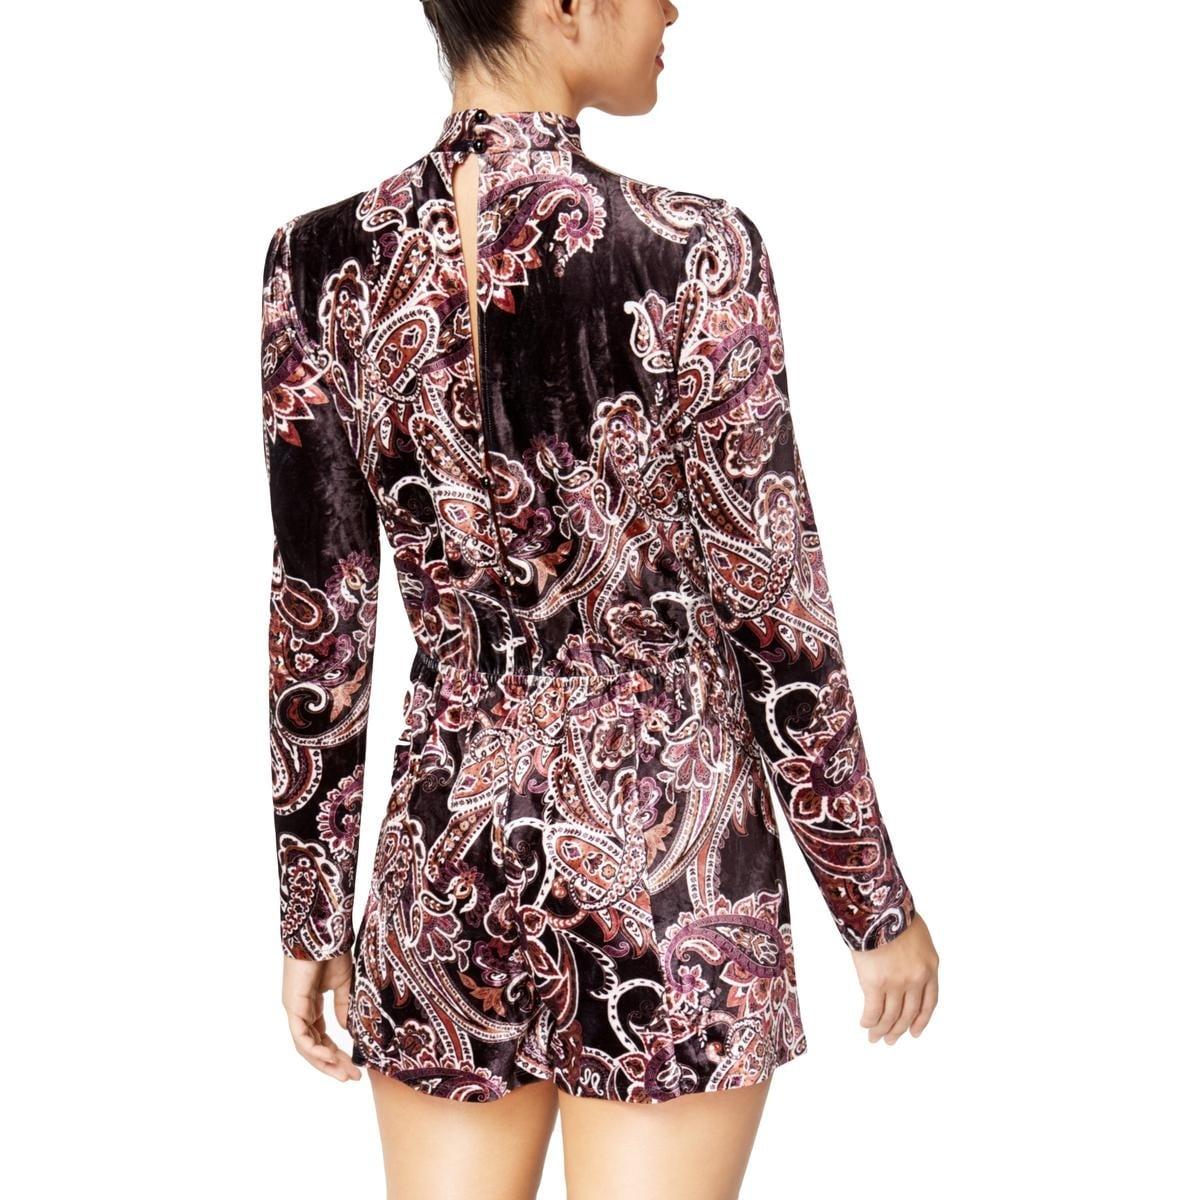 12658c4a5390 Shop Be Bop Womens Juniors Romper Velvet Choker - Free Shipping On Orders  Over  45 - Overstock.com - 27132456